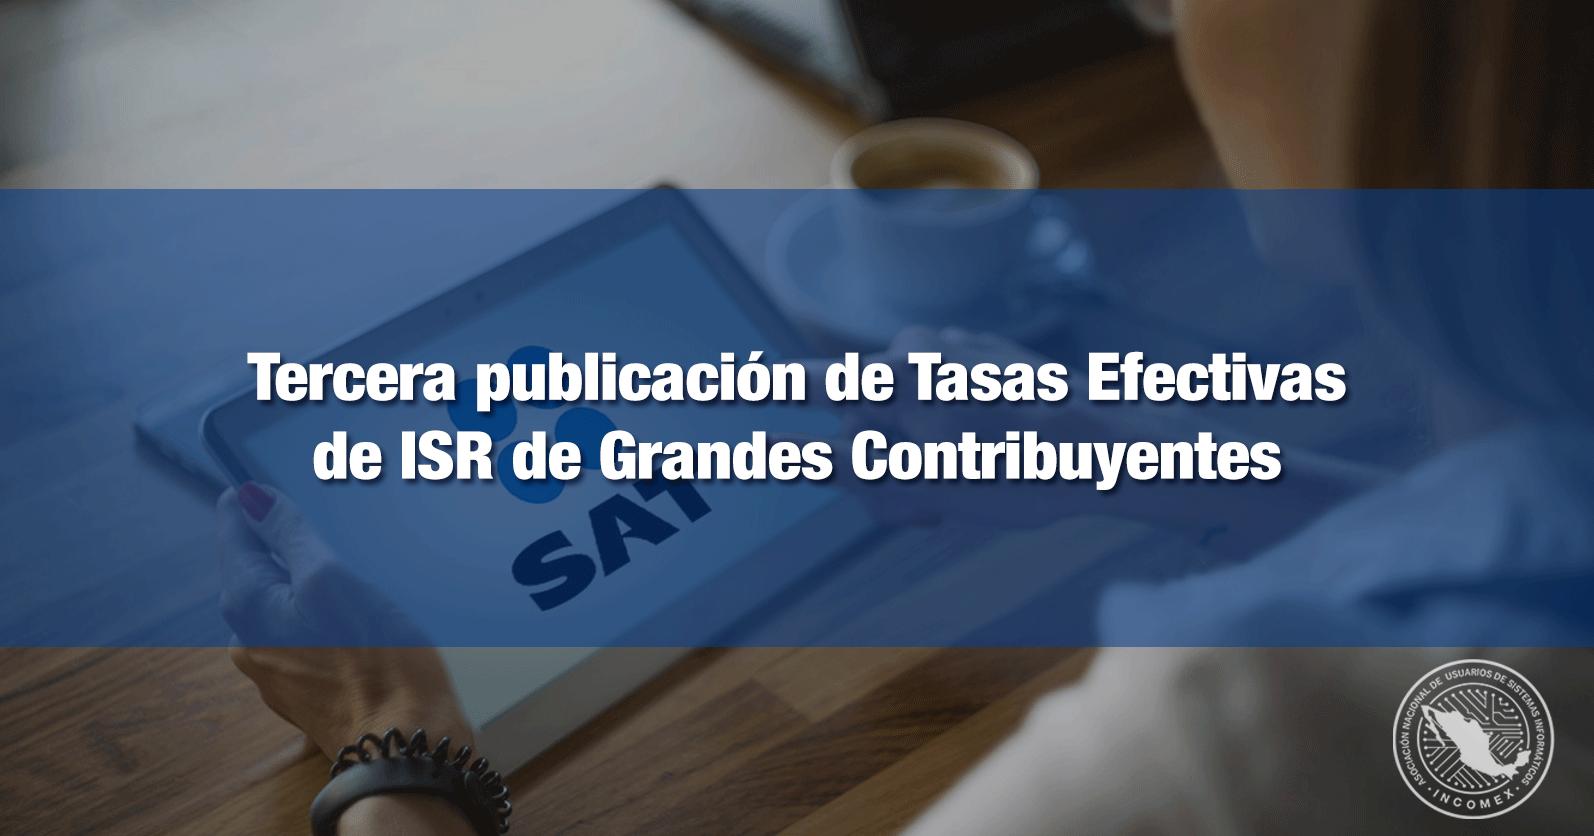 Tercera publicación de Tasas Efectivas de ISR de Grandes Contribuyentes